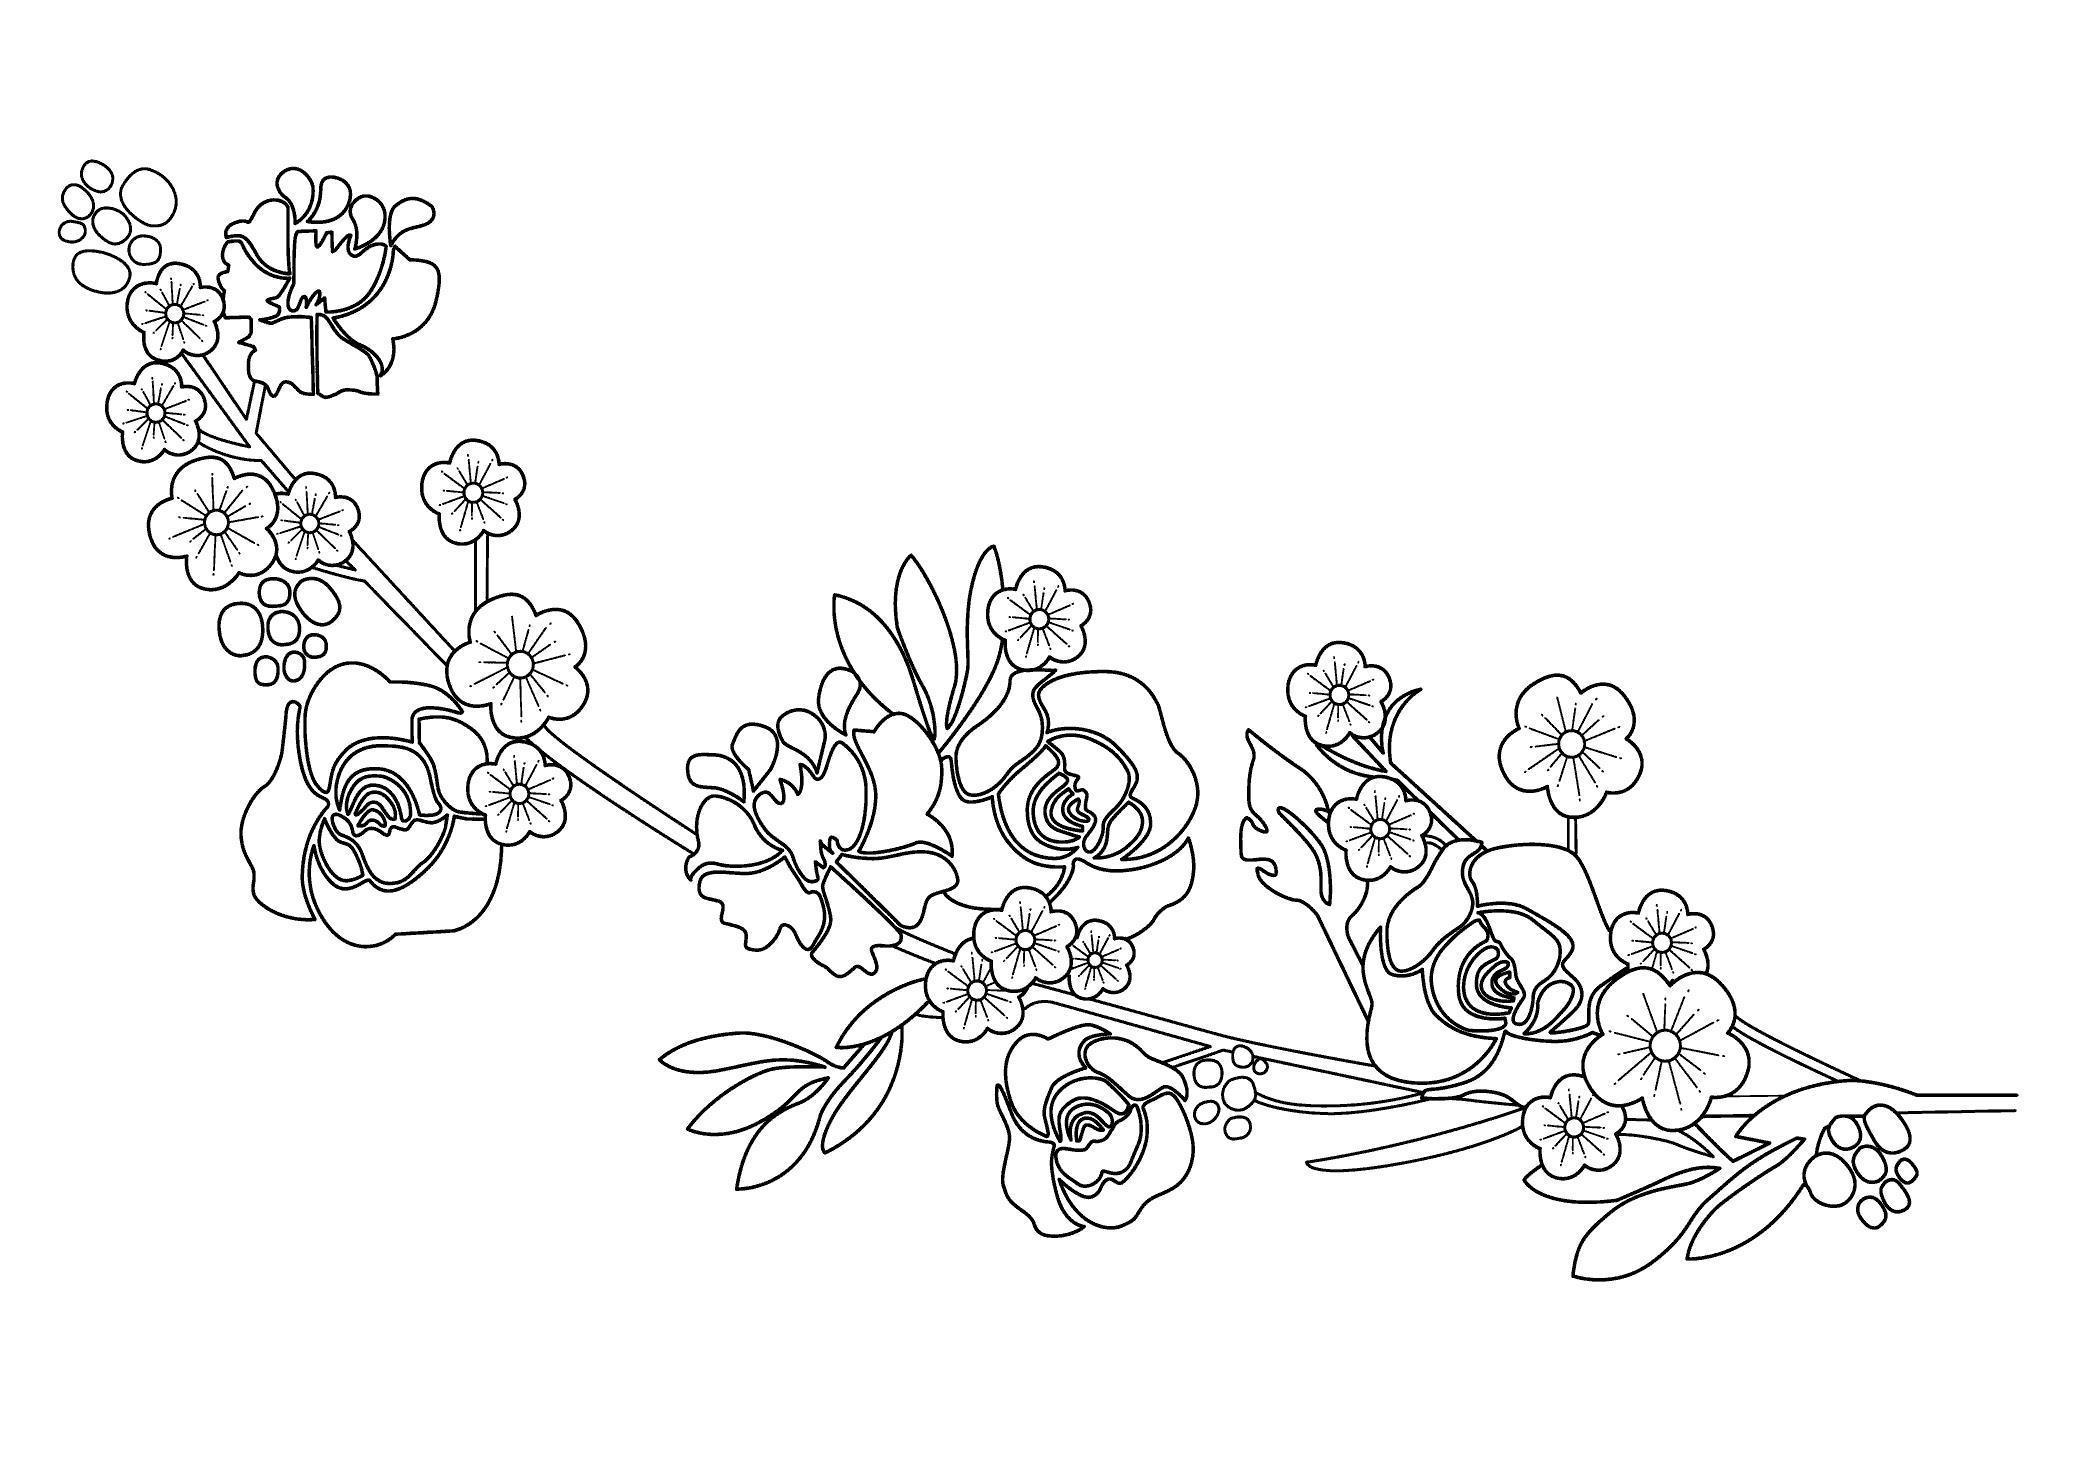 Цветы ветка с цветами цветы раскраски онлайн бесплатно